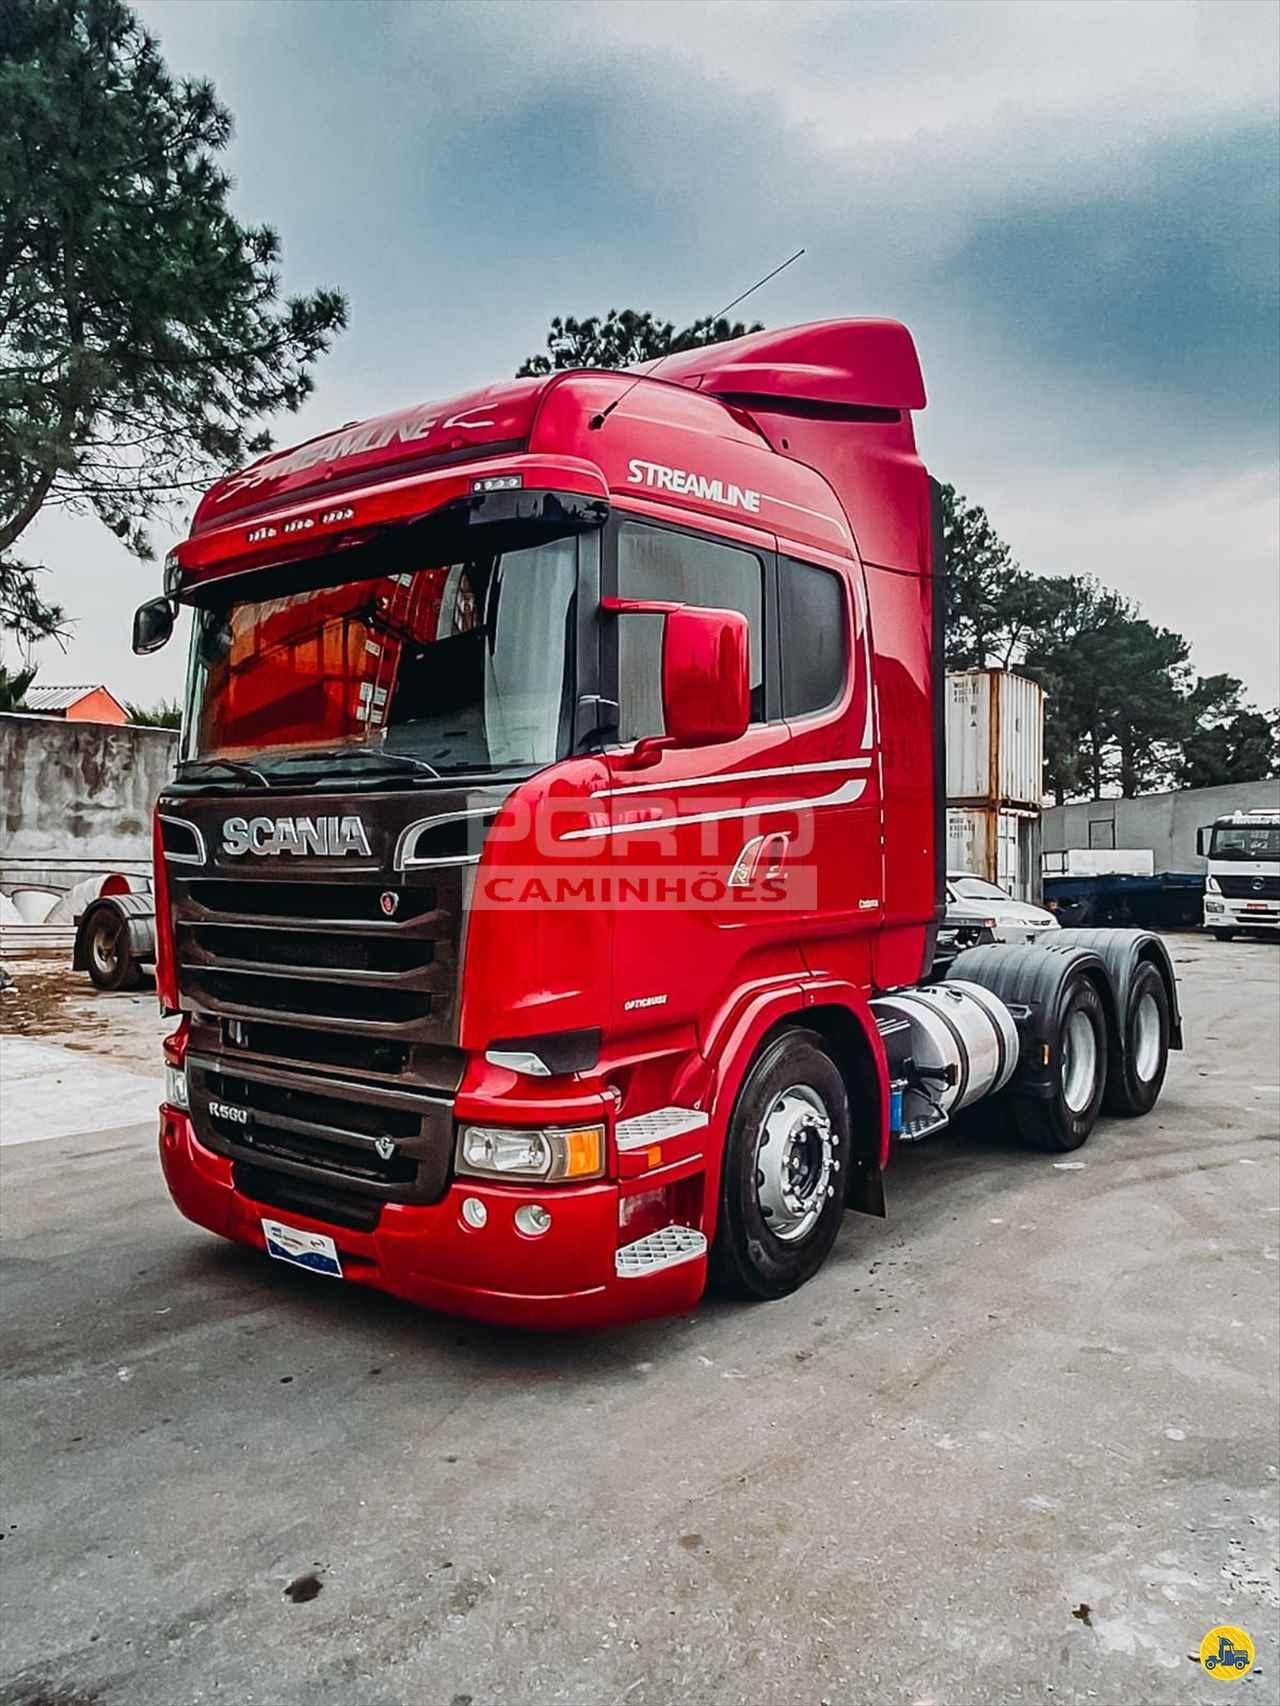 SCANIA 560 de Porto Caminhões - GUARULHOS/SP